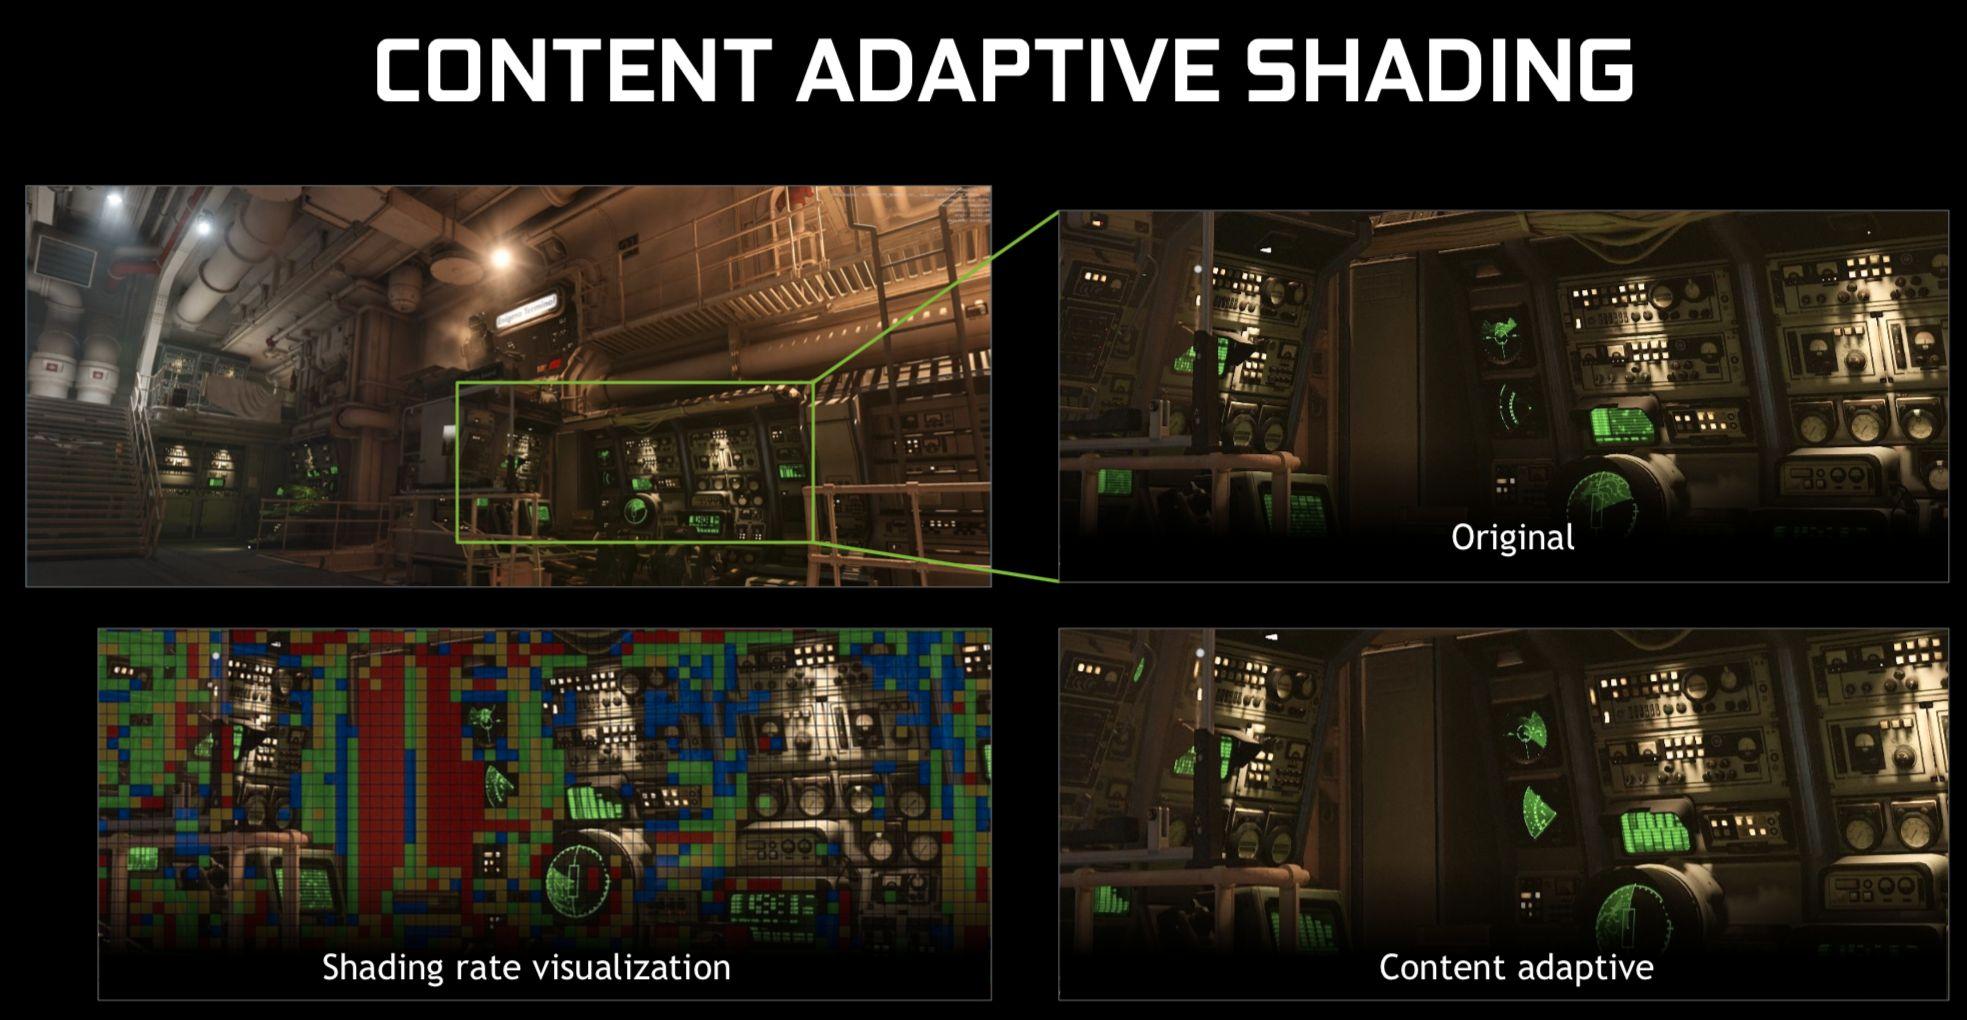 Områder med like farger shades ikke for hvert bilde. Ser du forskjell på de to bildene? Maskinen din merker i alle fall forskjell og kan bruke kraften på å tegne flere bilder i stedet for detaljer du ikke ser i hvert eneste bilde.